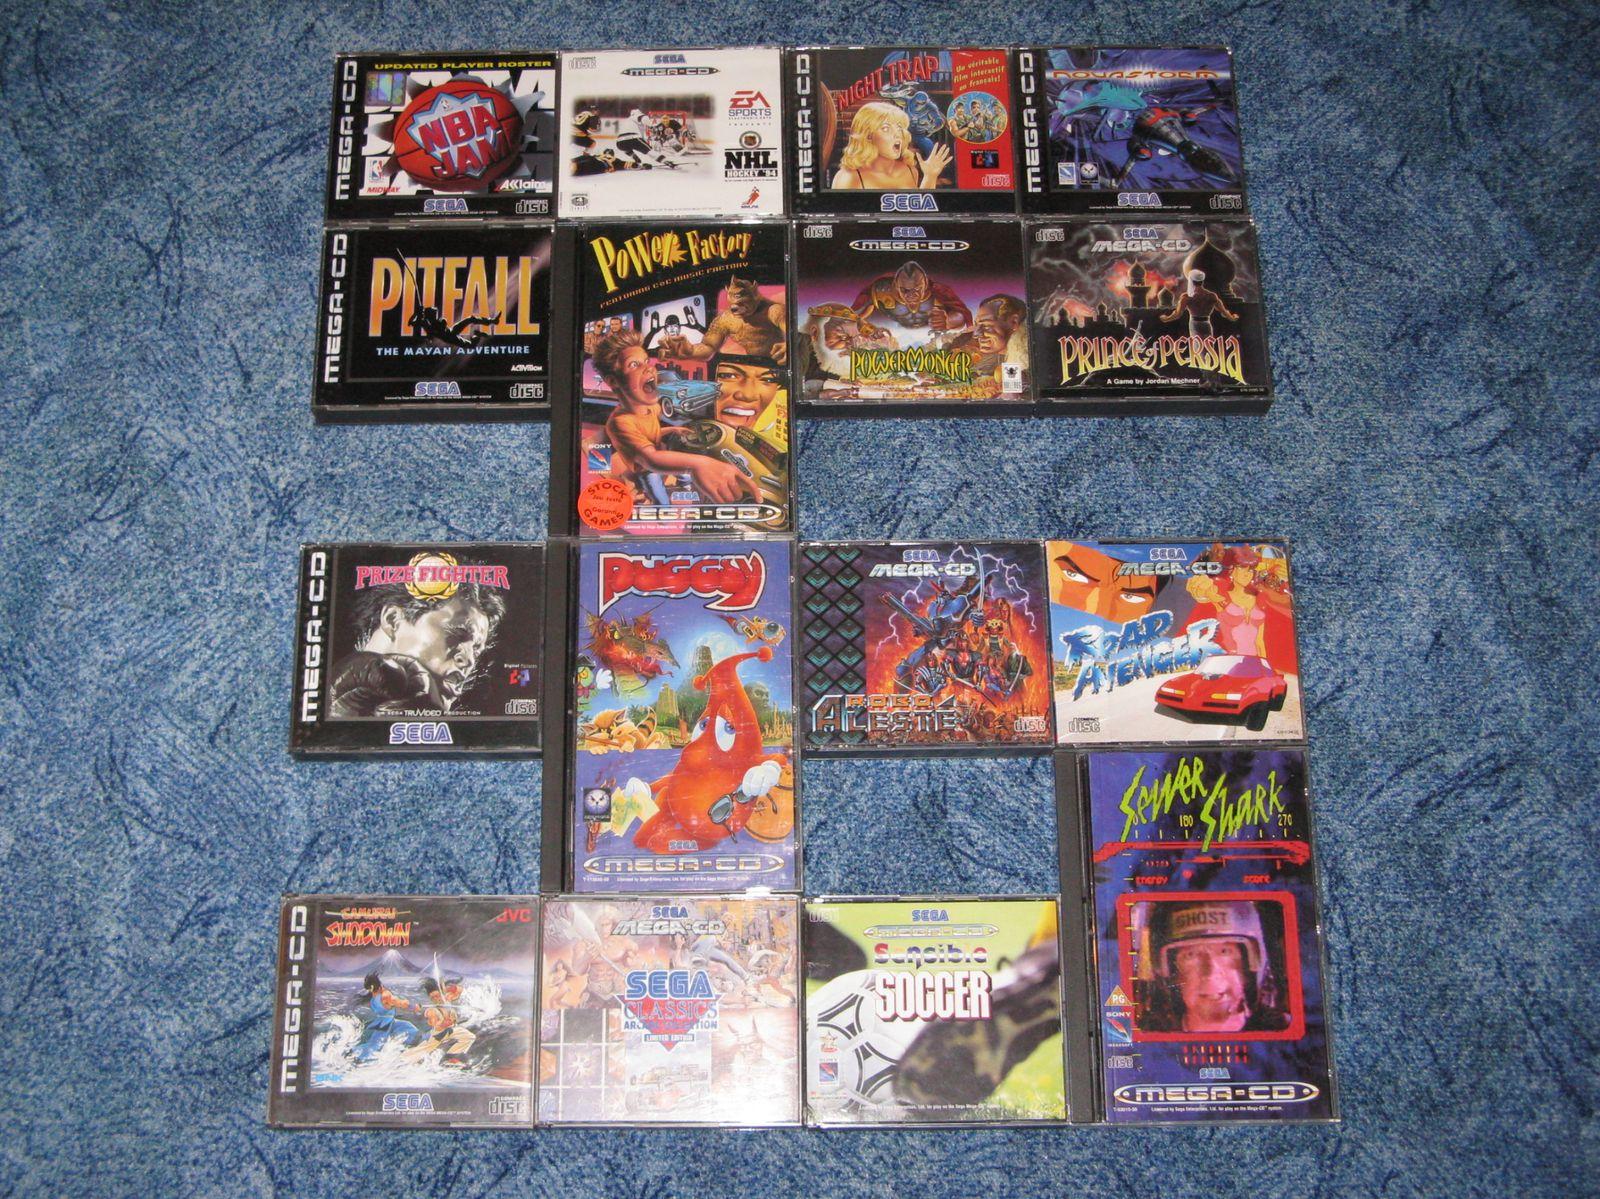 Collection 100 % Mega CD! Full set mega cd pal in!! et Mega LD! Full-set-mega-cd-pal-2414